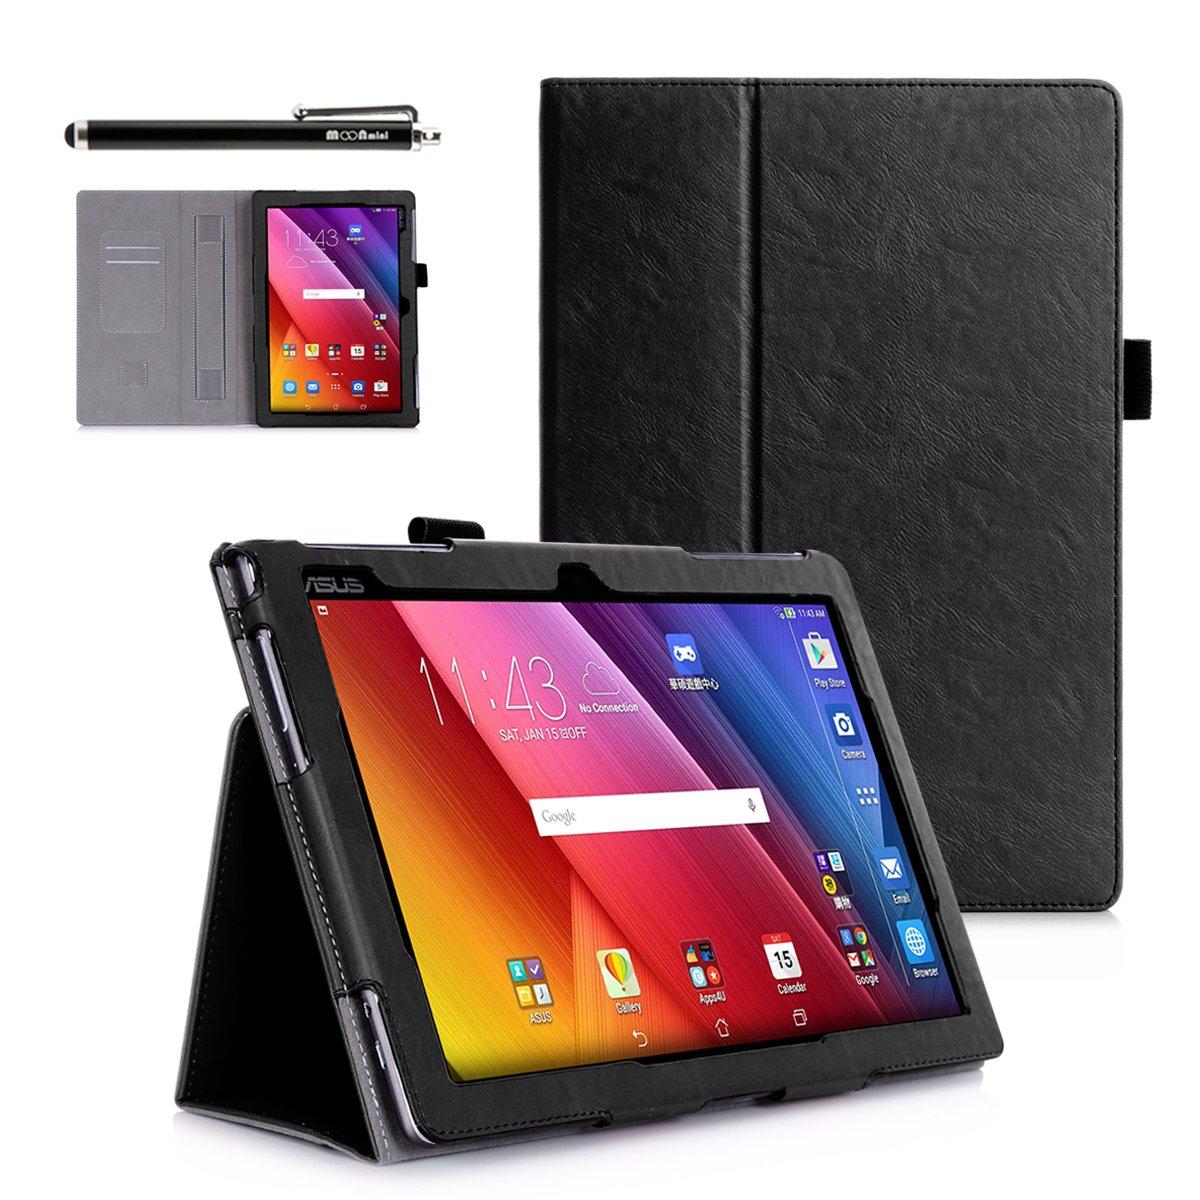 素晴らしい価格 Happon ASUS (ブルー), ZenPad 10 10.1インチ用 Z300C 10.1インチケース、ASUS ZenPad 10 10 Z300C 10.1インチカバー 薄型フリップカバーケース PUレザーアクセサリー電話ケース ASUS ZenPad 10 Z300C 10.1インチ用 (ブルー), ブラック, B472-GN-106 ブラック B07KSR9JW8, BELLE MONDE:3573d18a --- a0267596.xsph.ru